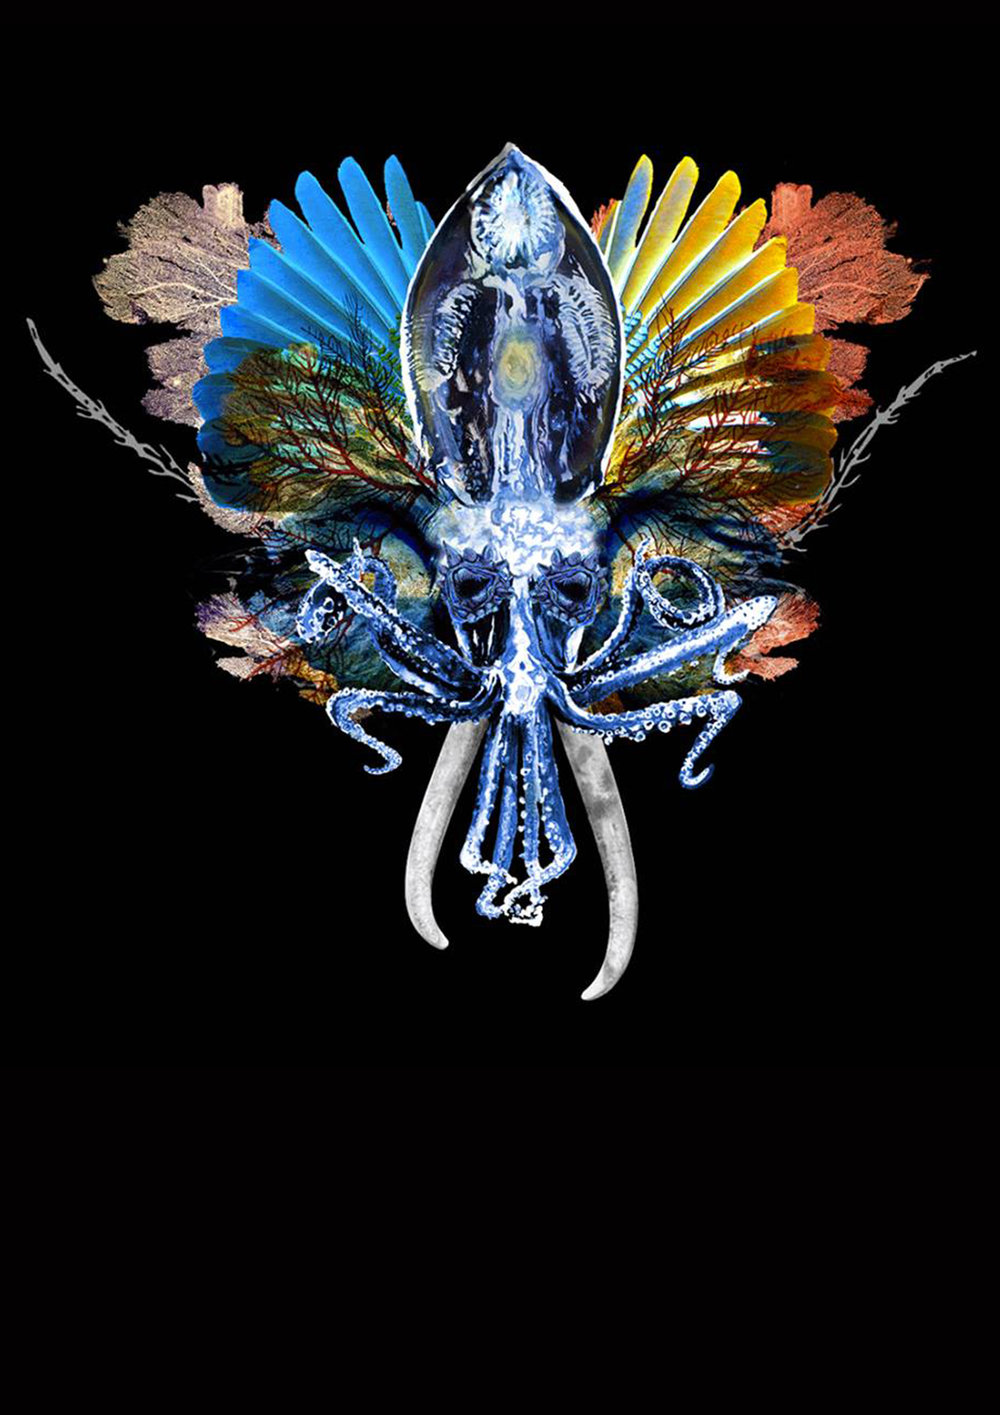 Behemooth, 2016. Digital Collage, 59 x 42 cm.